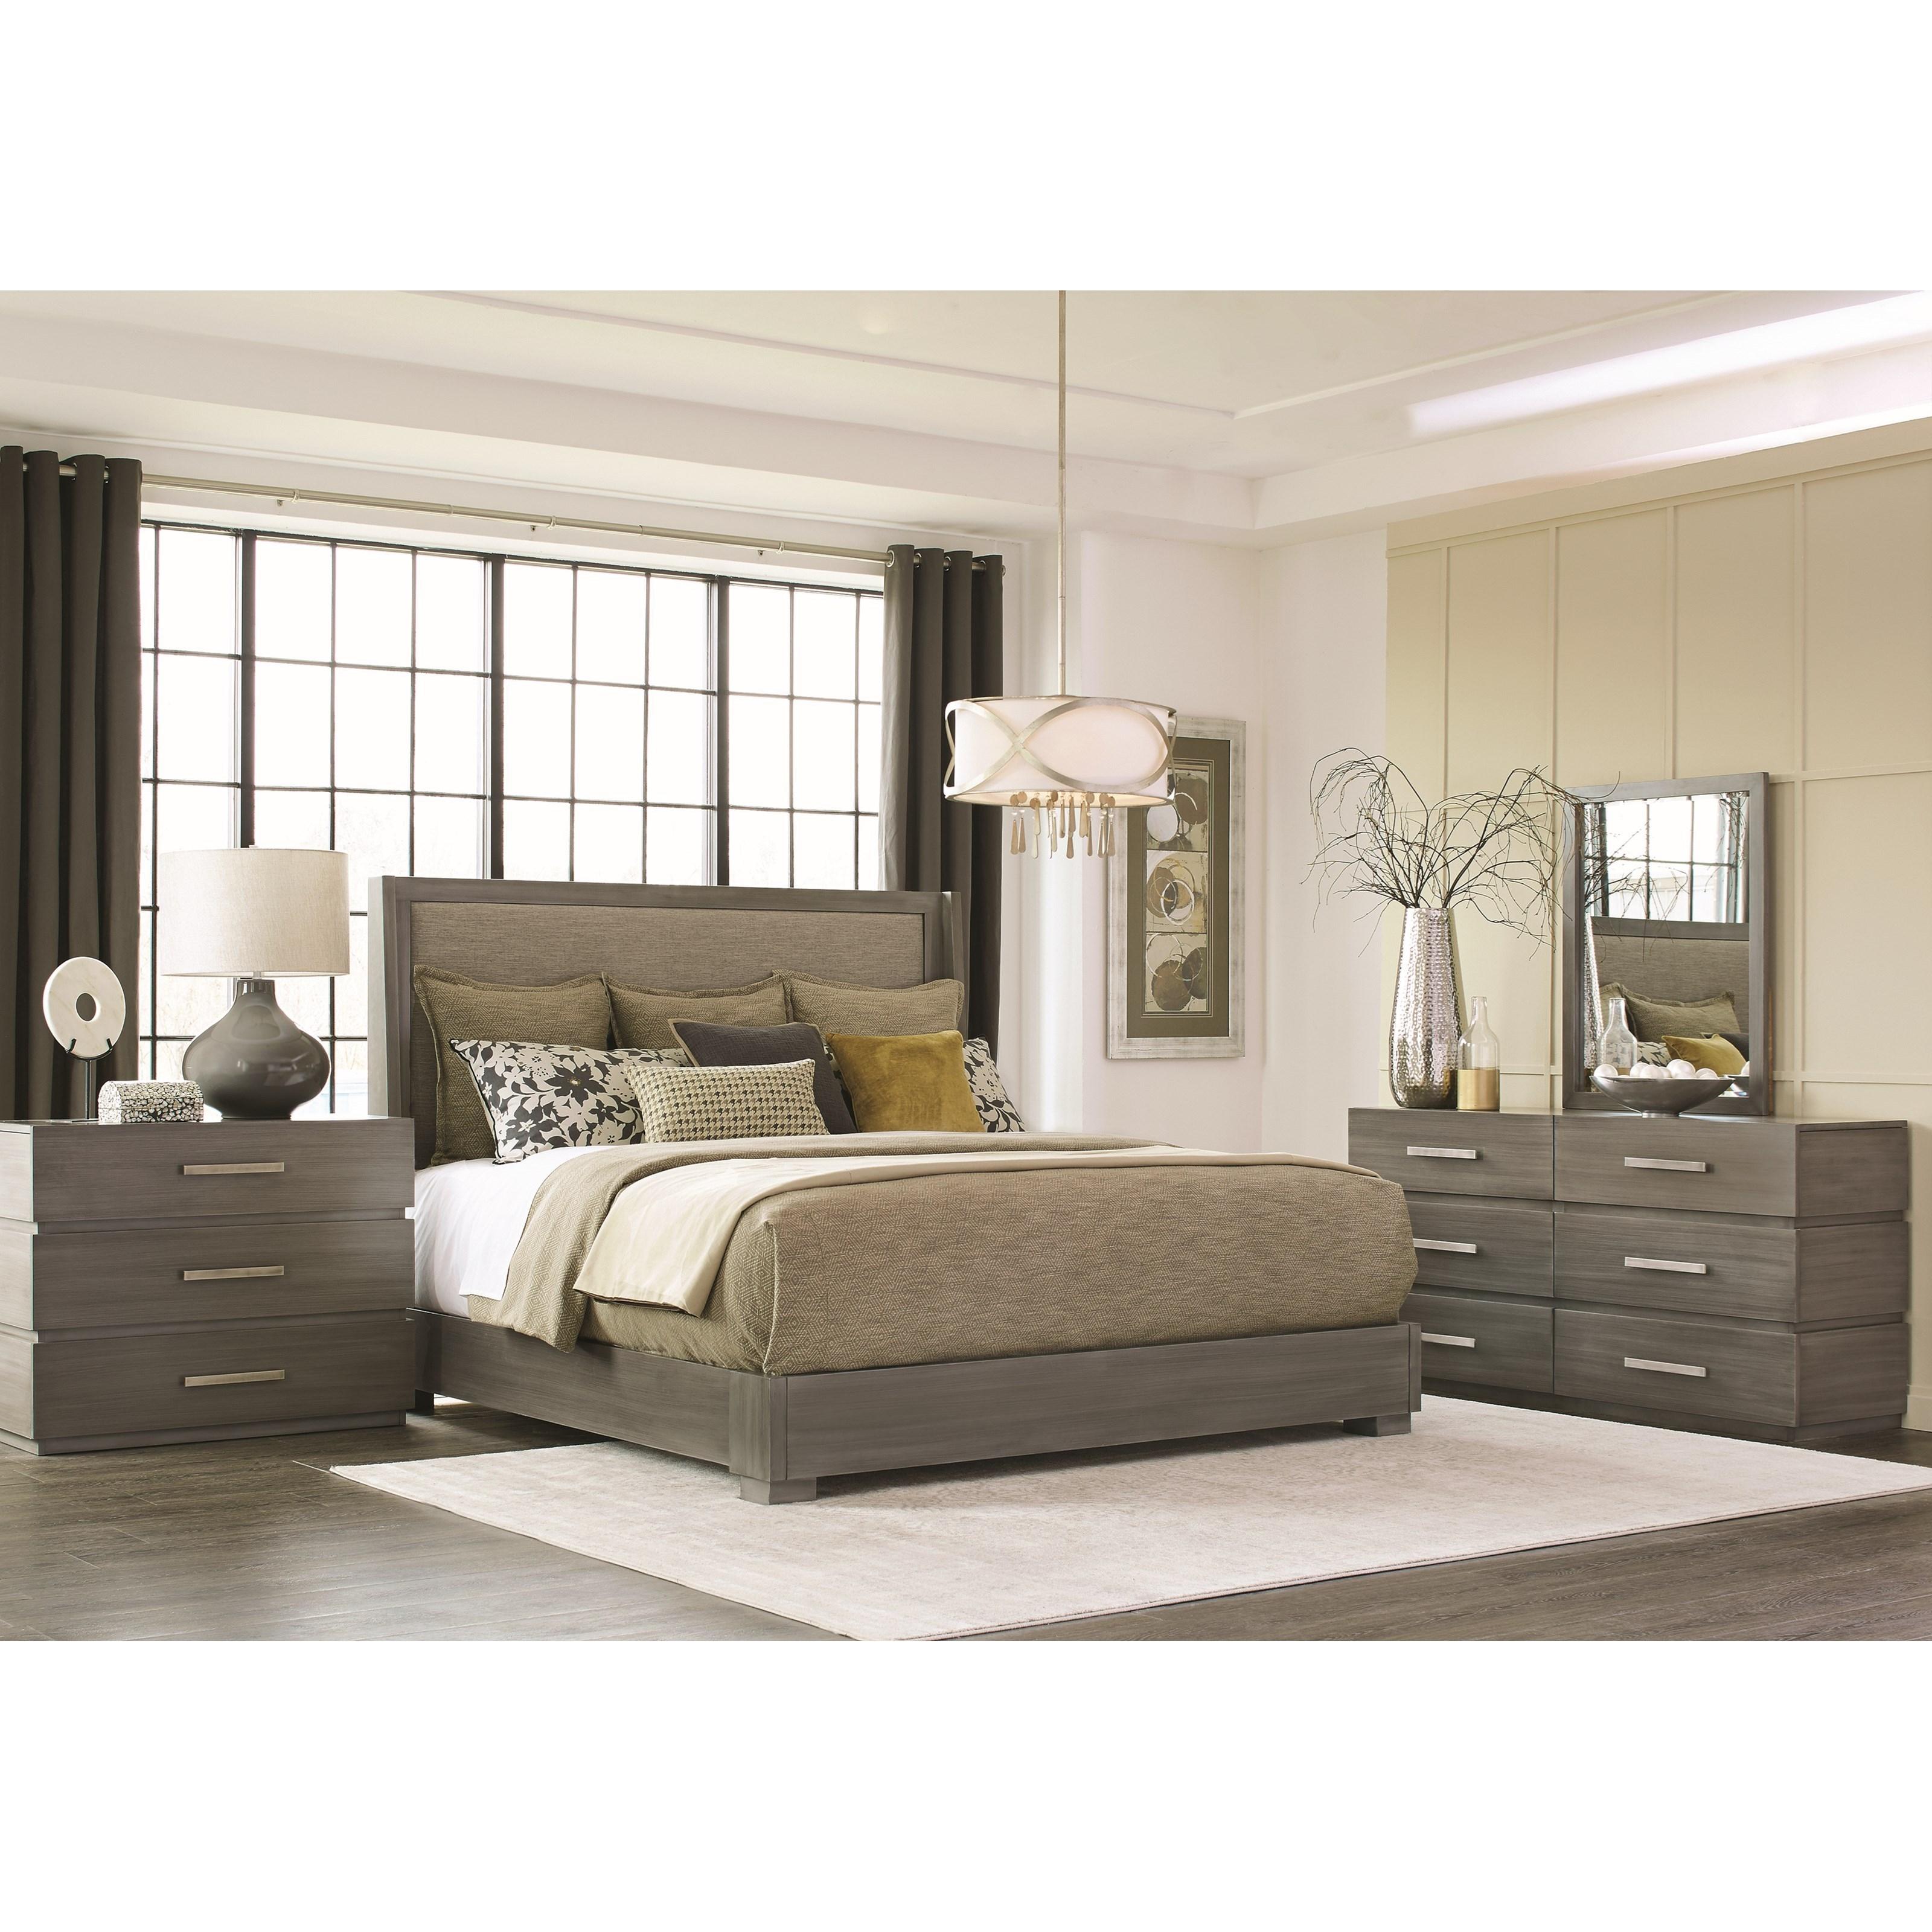 Durham Modern Simplicity Queen Bedroom Group - Item Number: 167 Q Bedroom Group 2